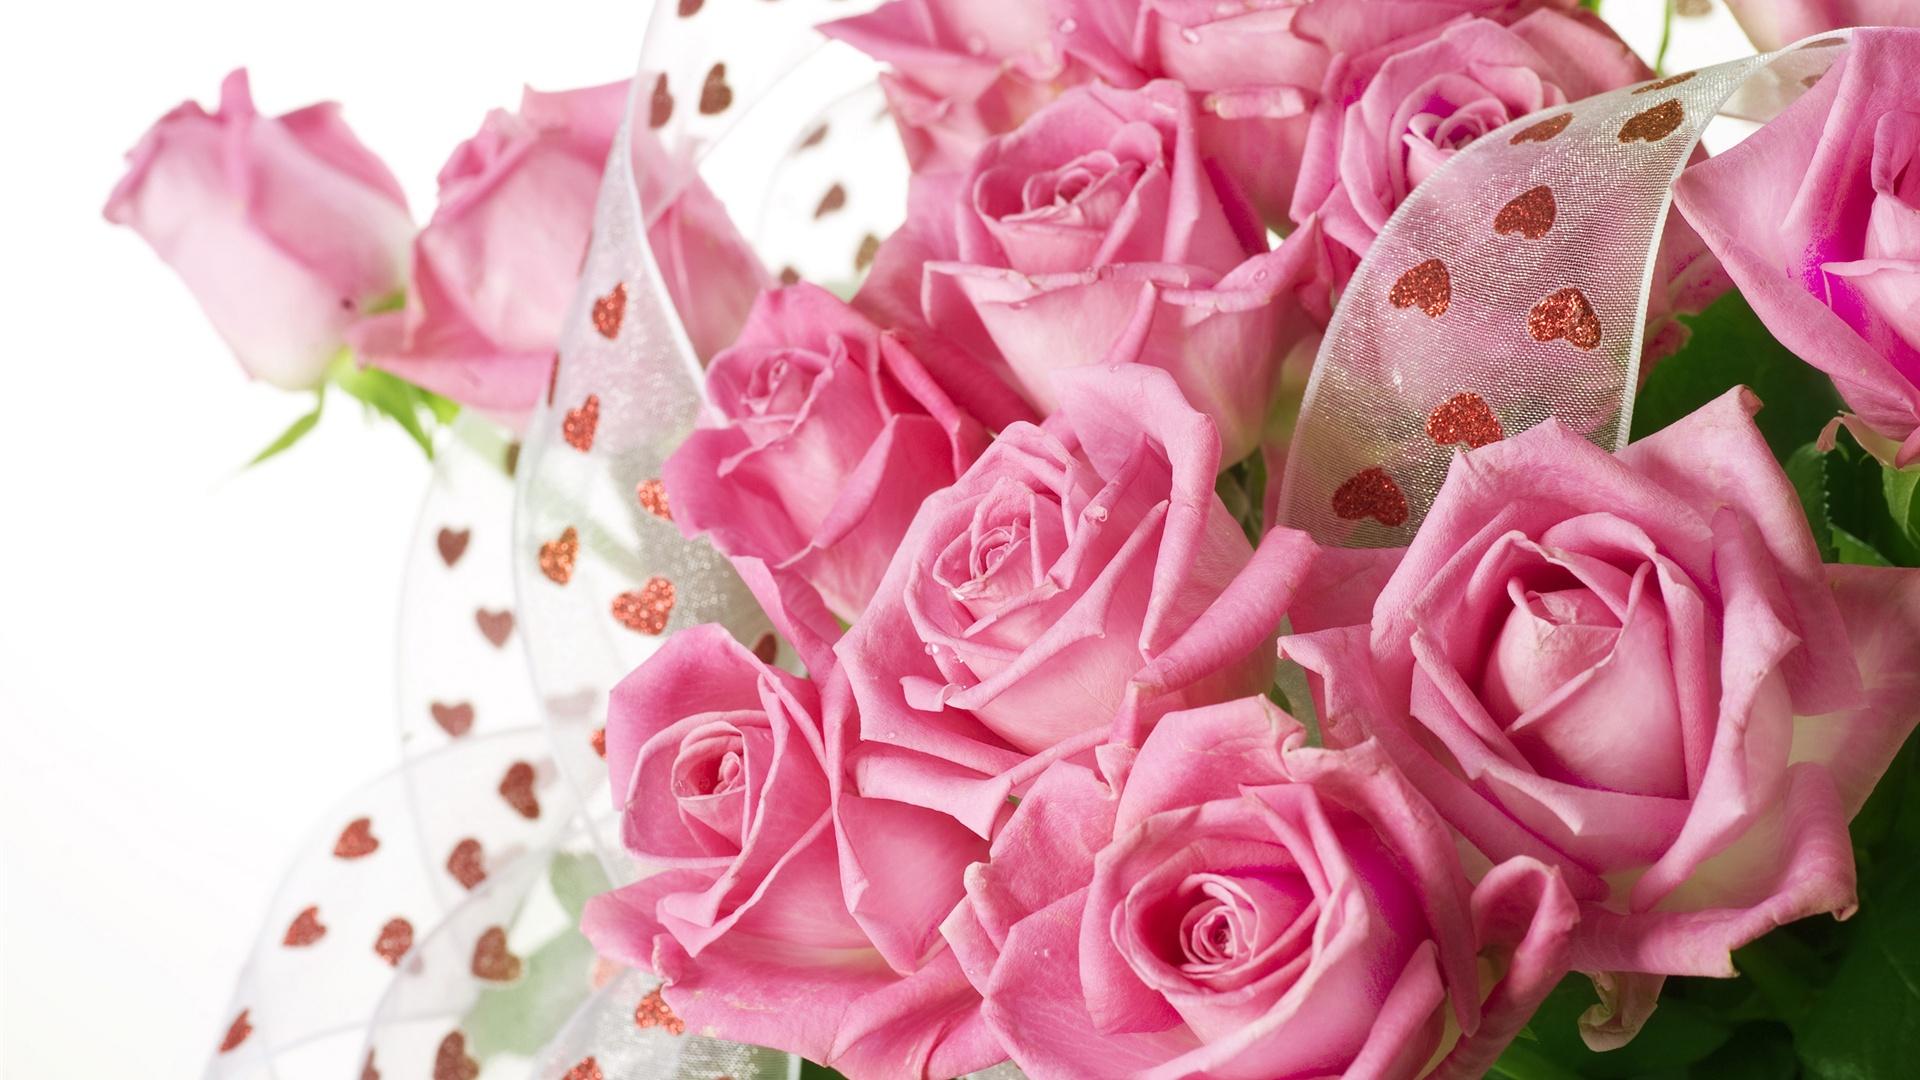 roses rose bouquet avec des gouttes d'eau fonds d'écran x